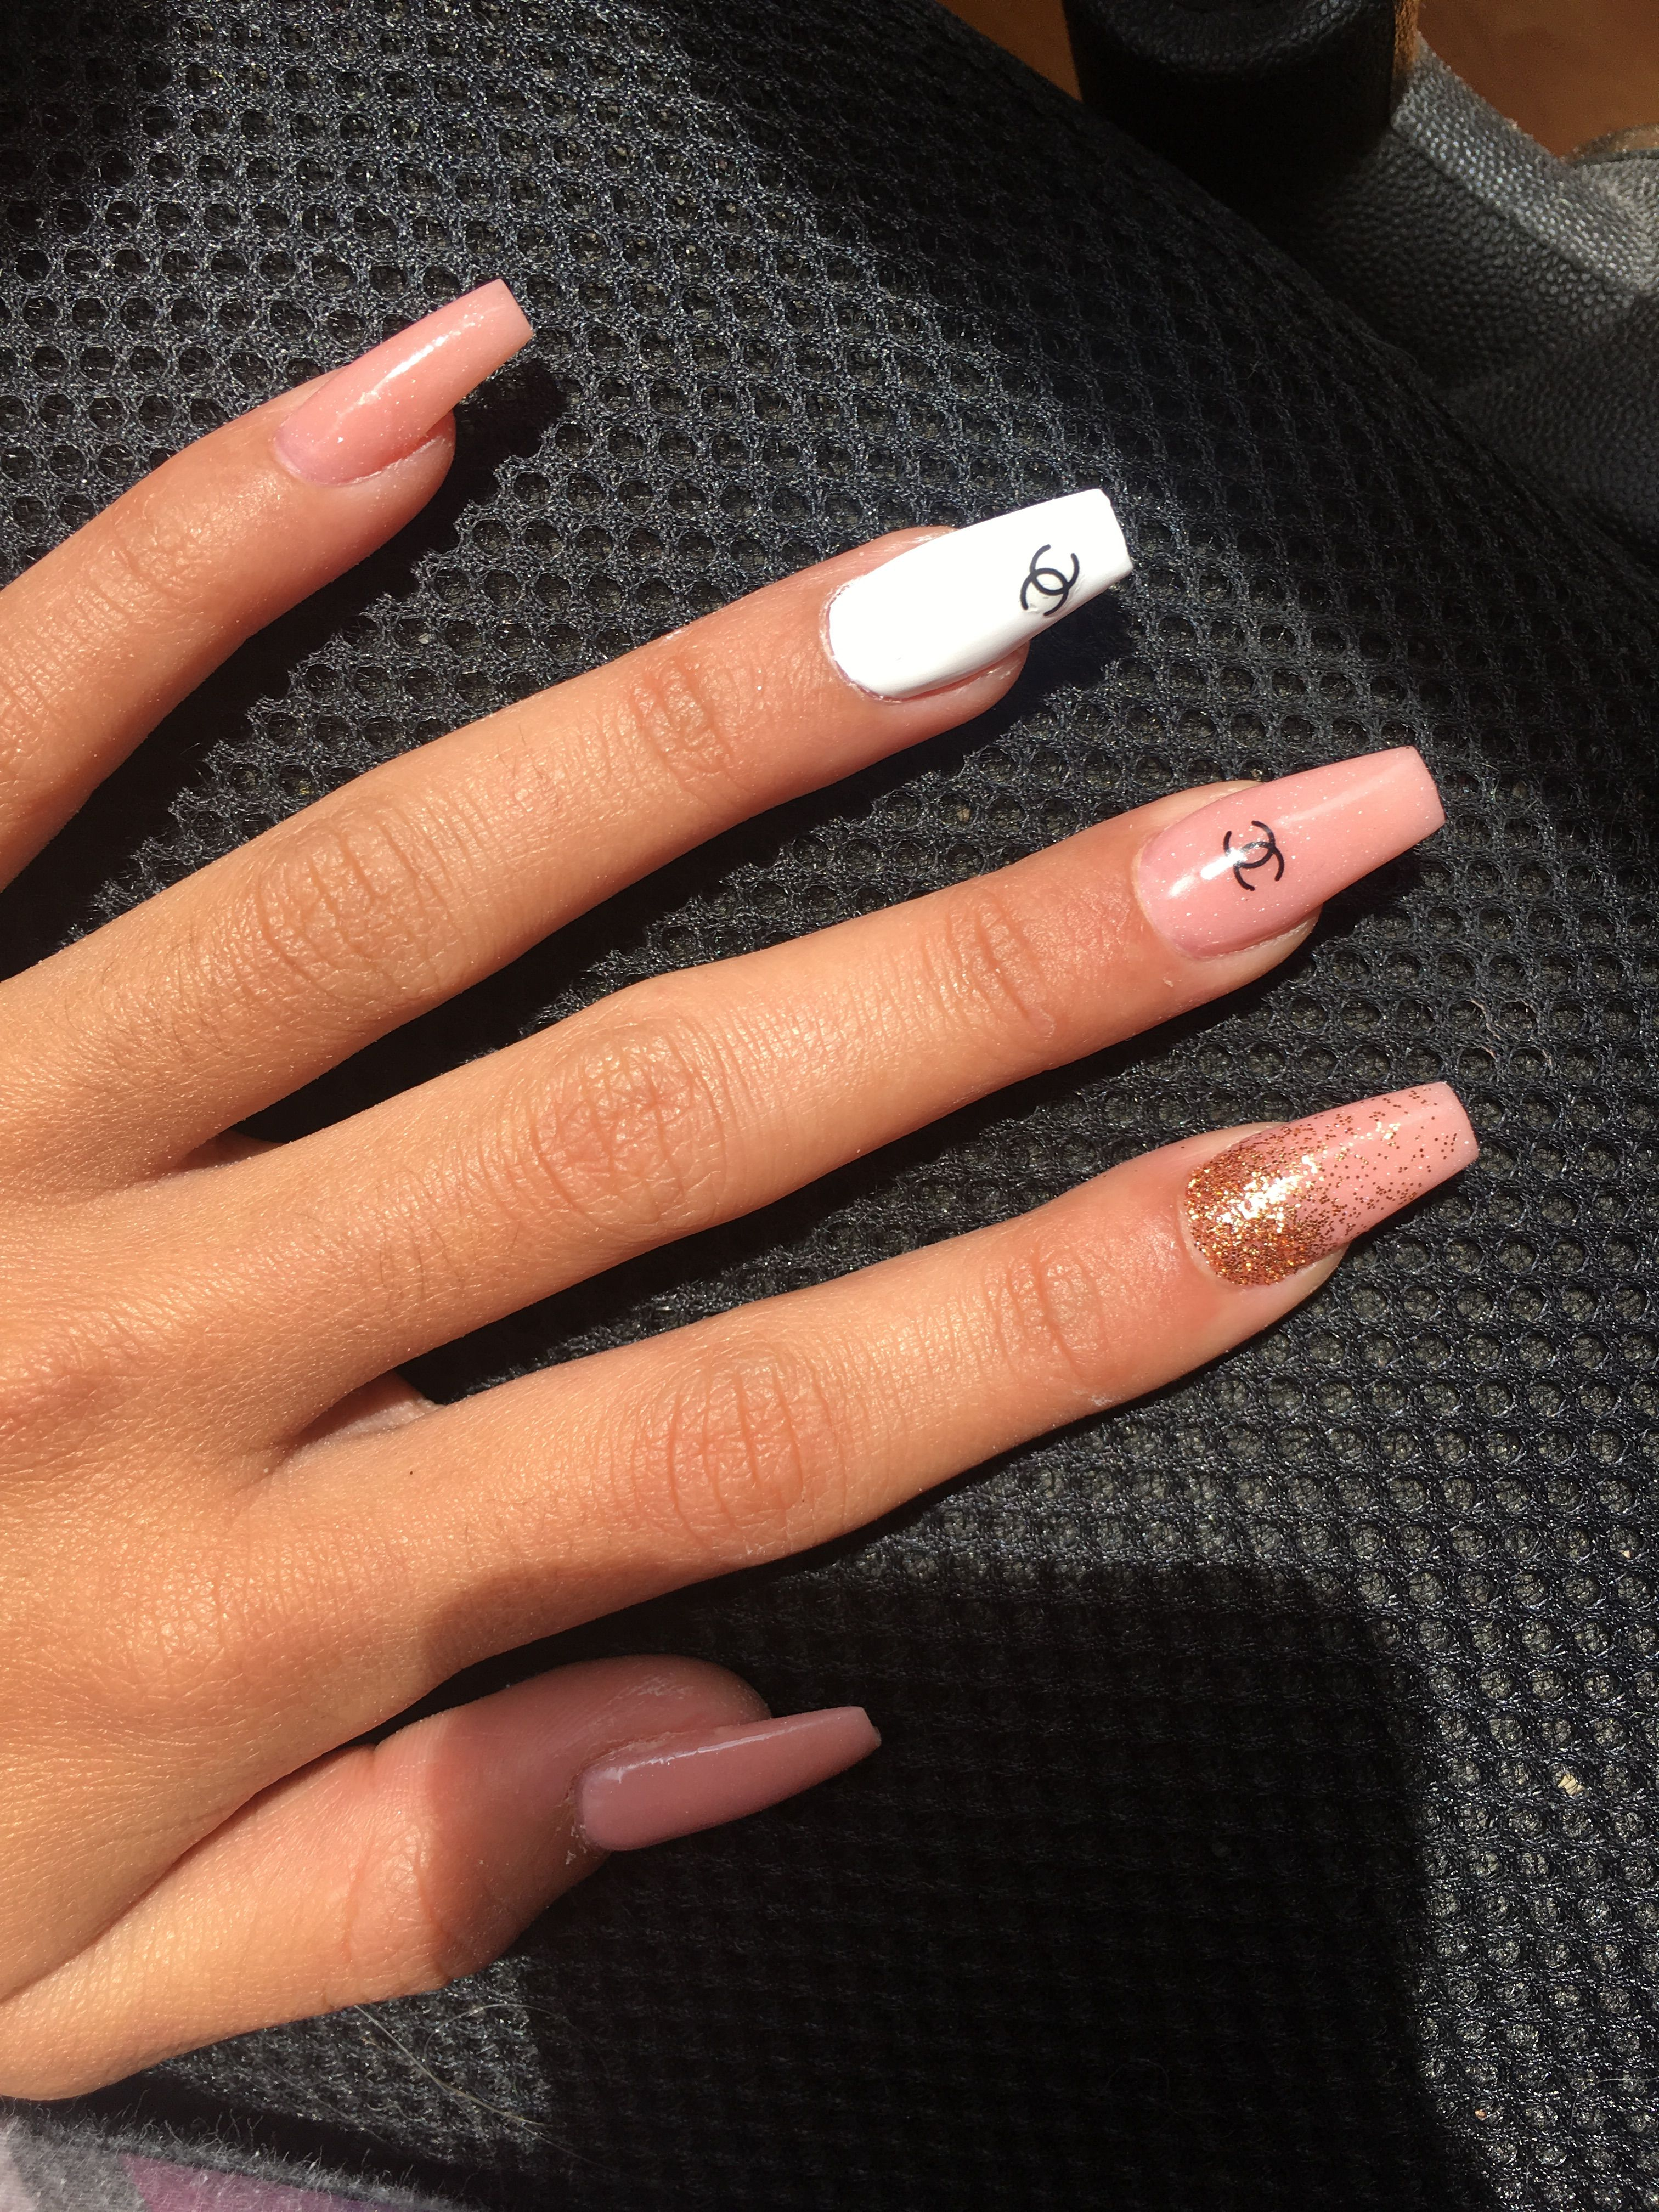 Chanel Nails Chanel Nails Gucci Nails Long Acrylic Nails